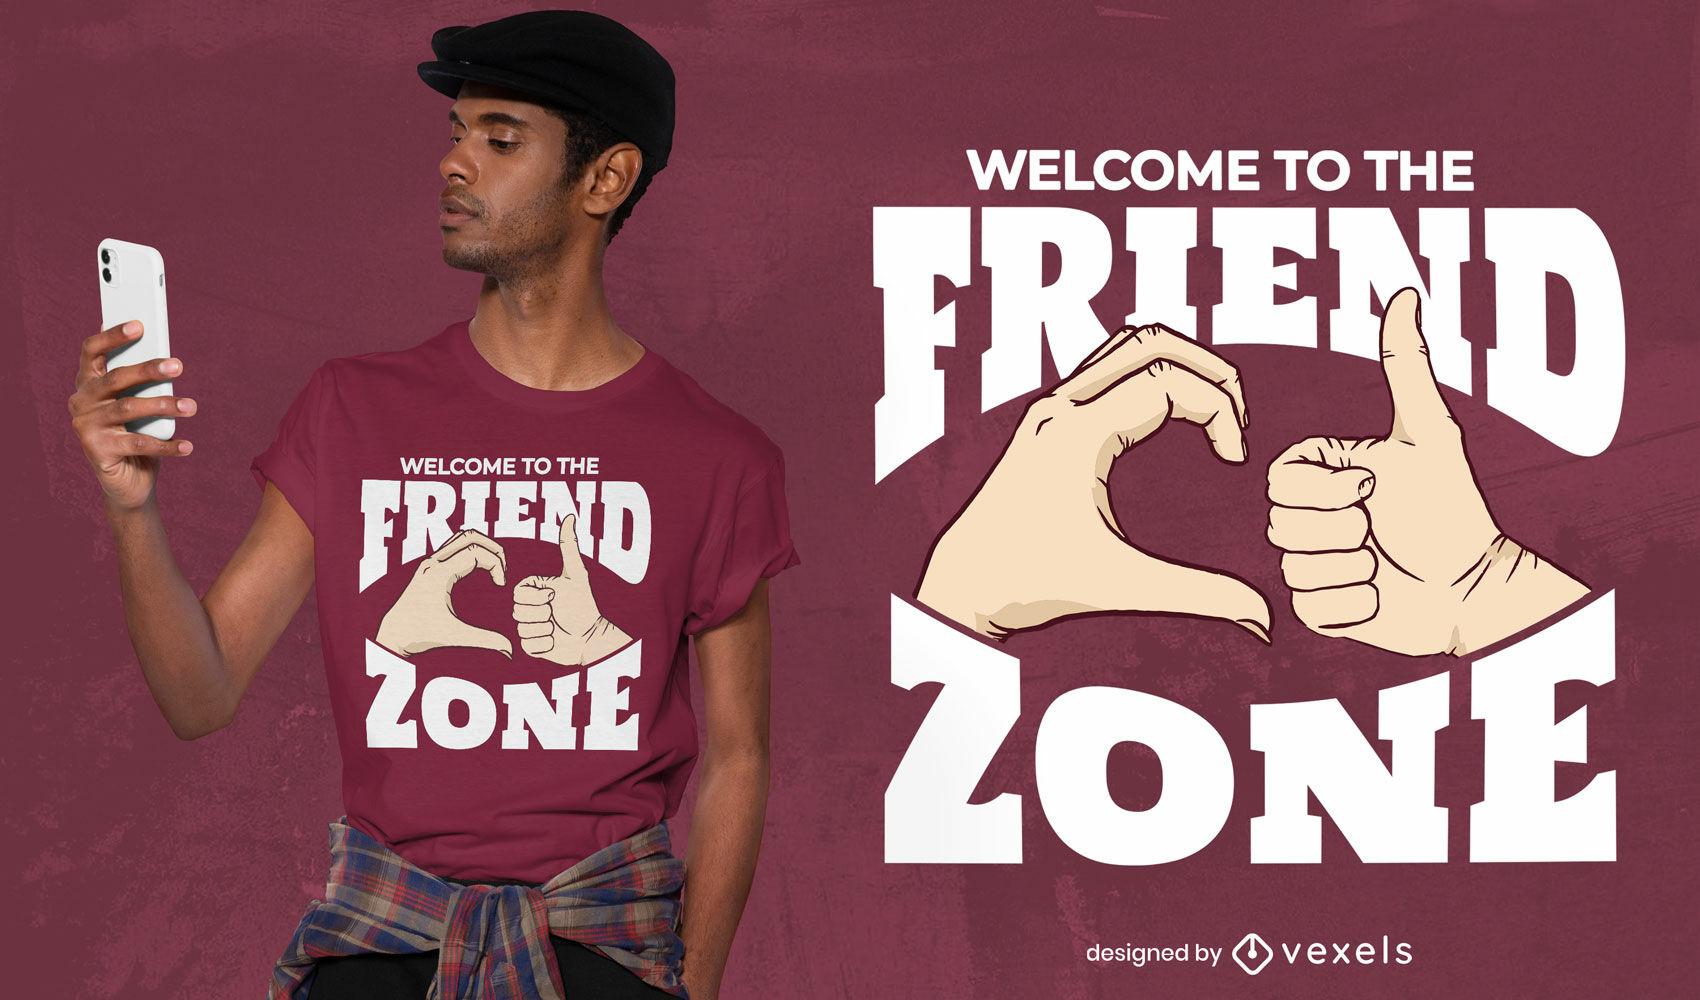 Gestos com as mãos design de t-shirt de mensagem de friendzone